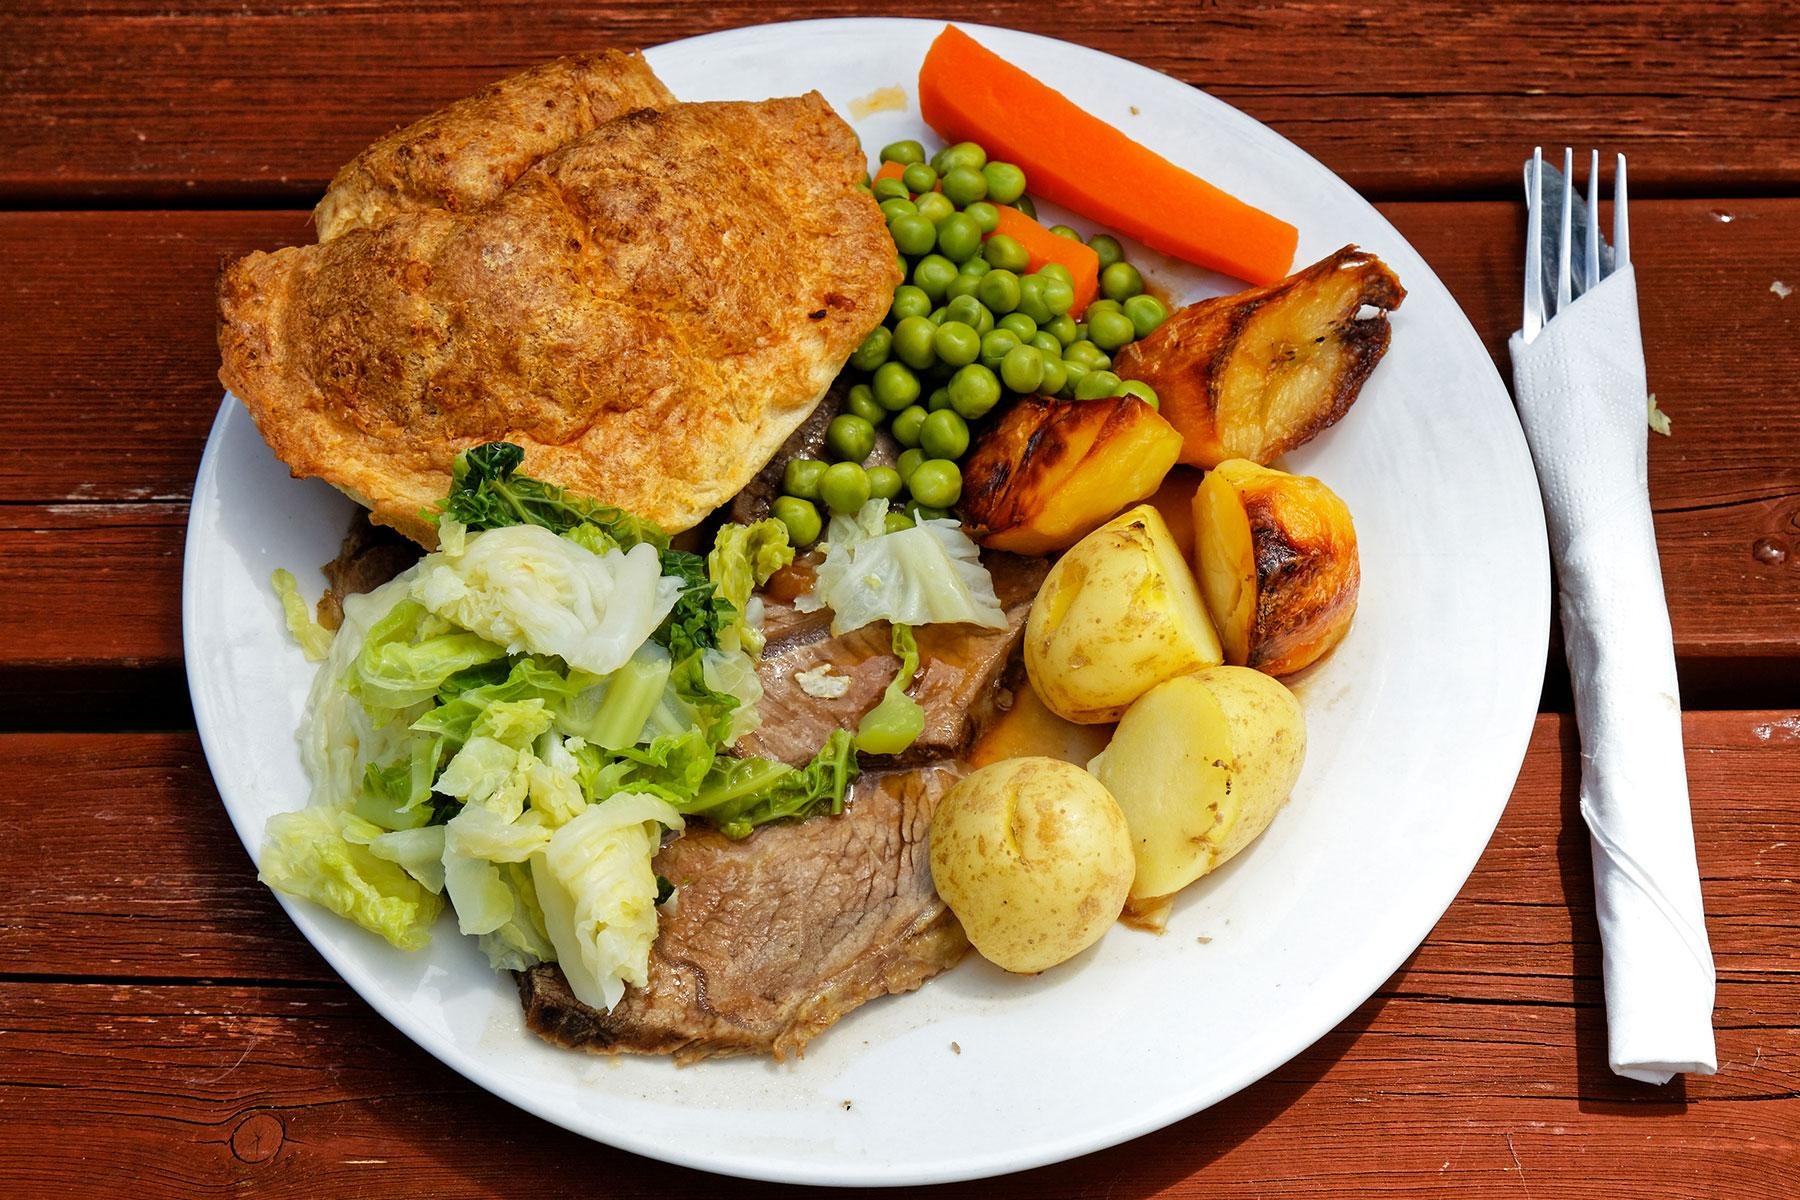 блюда английской кухни рецепты с фото души вот главный